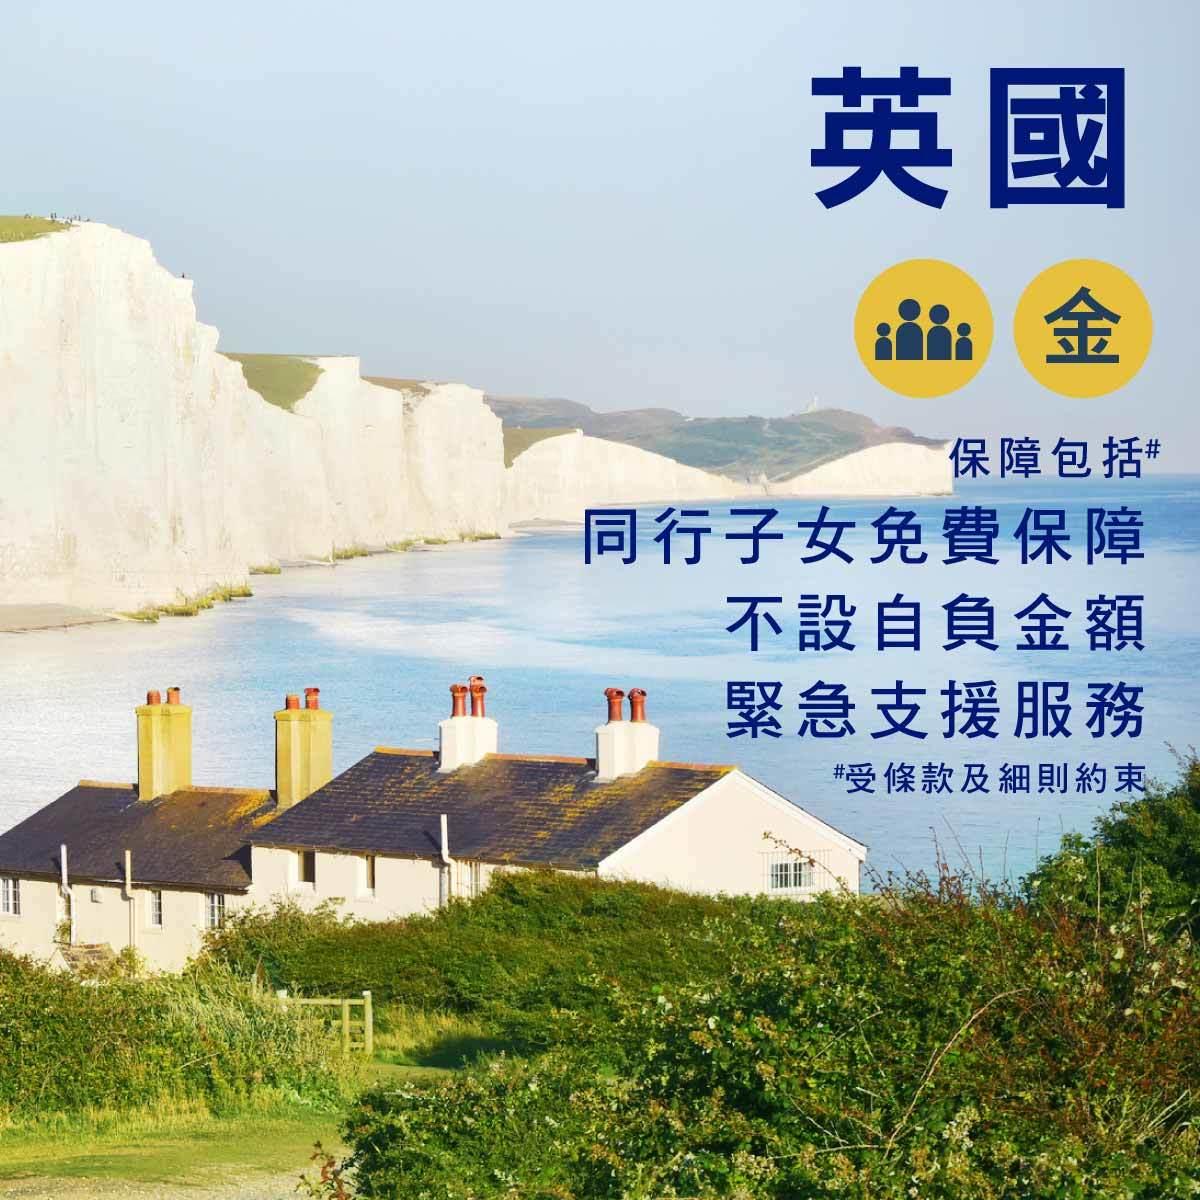 英國 - 單次家庭旅遊保險